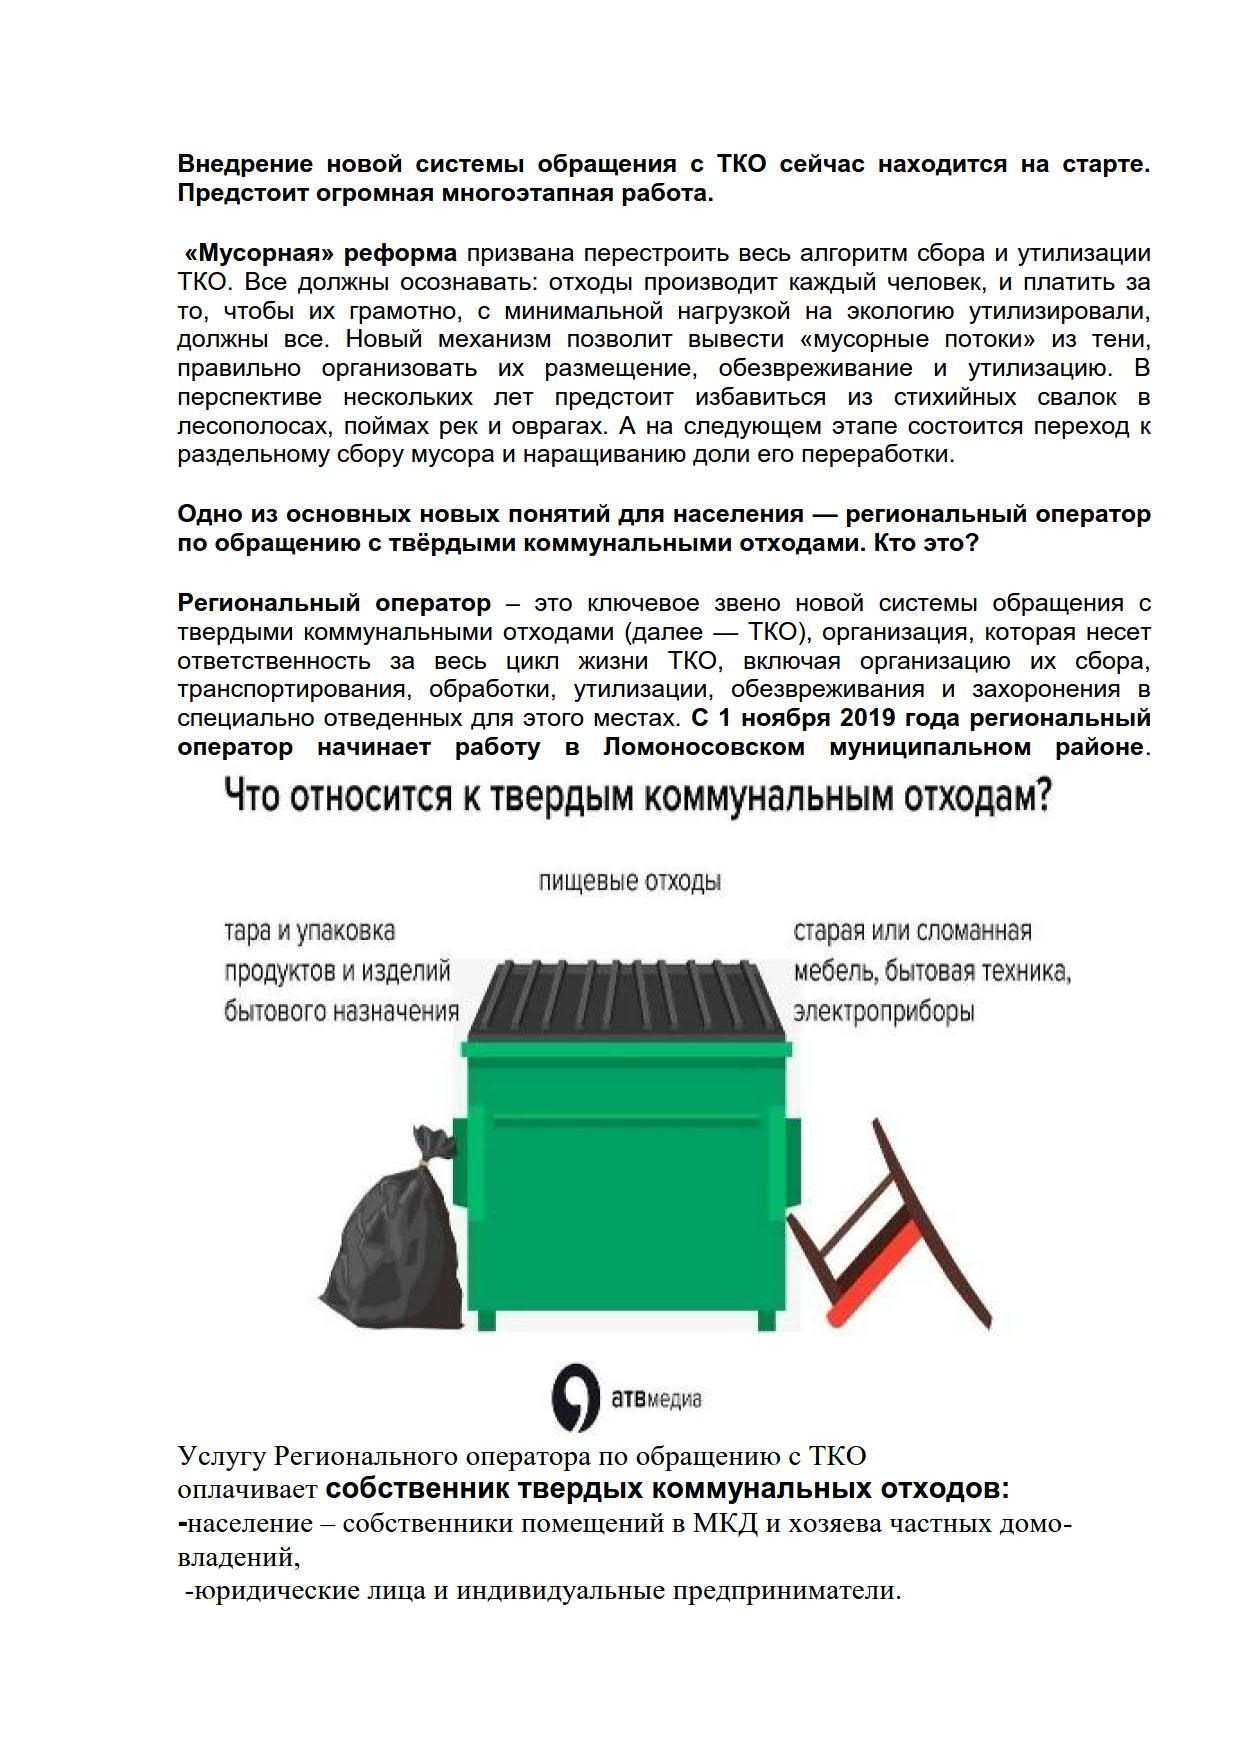 Общая информация по реформе_1